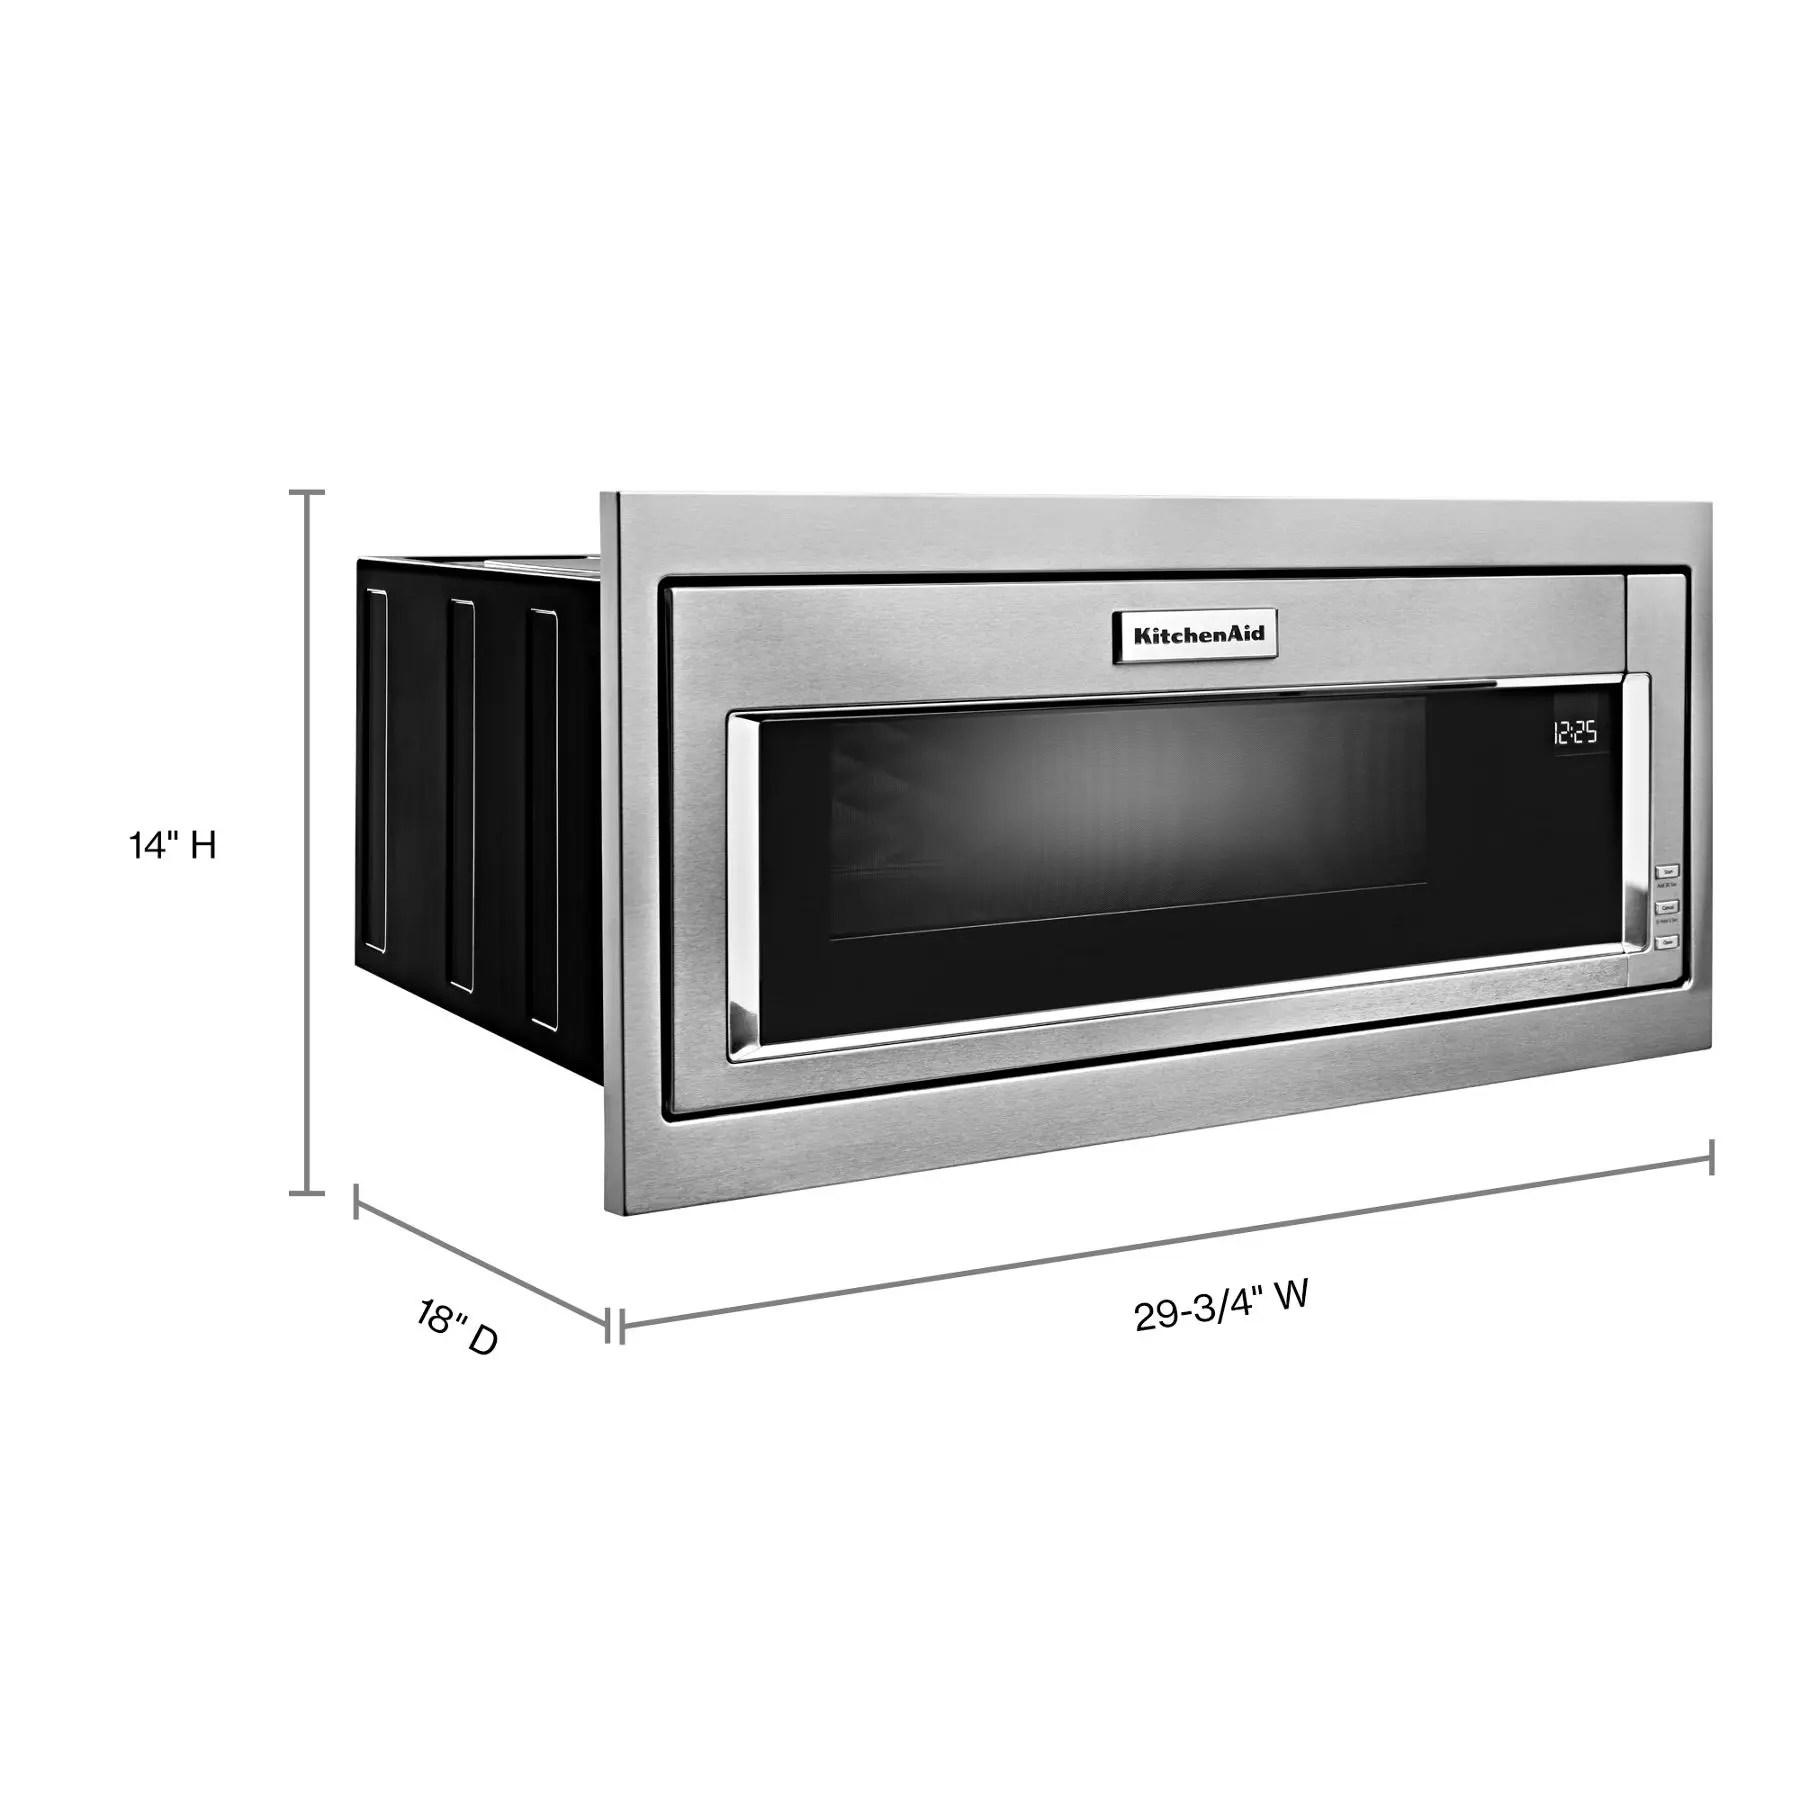 kmbt5011kss kitchenaid 1000 watt built